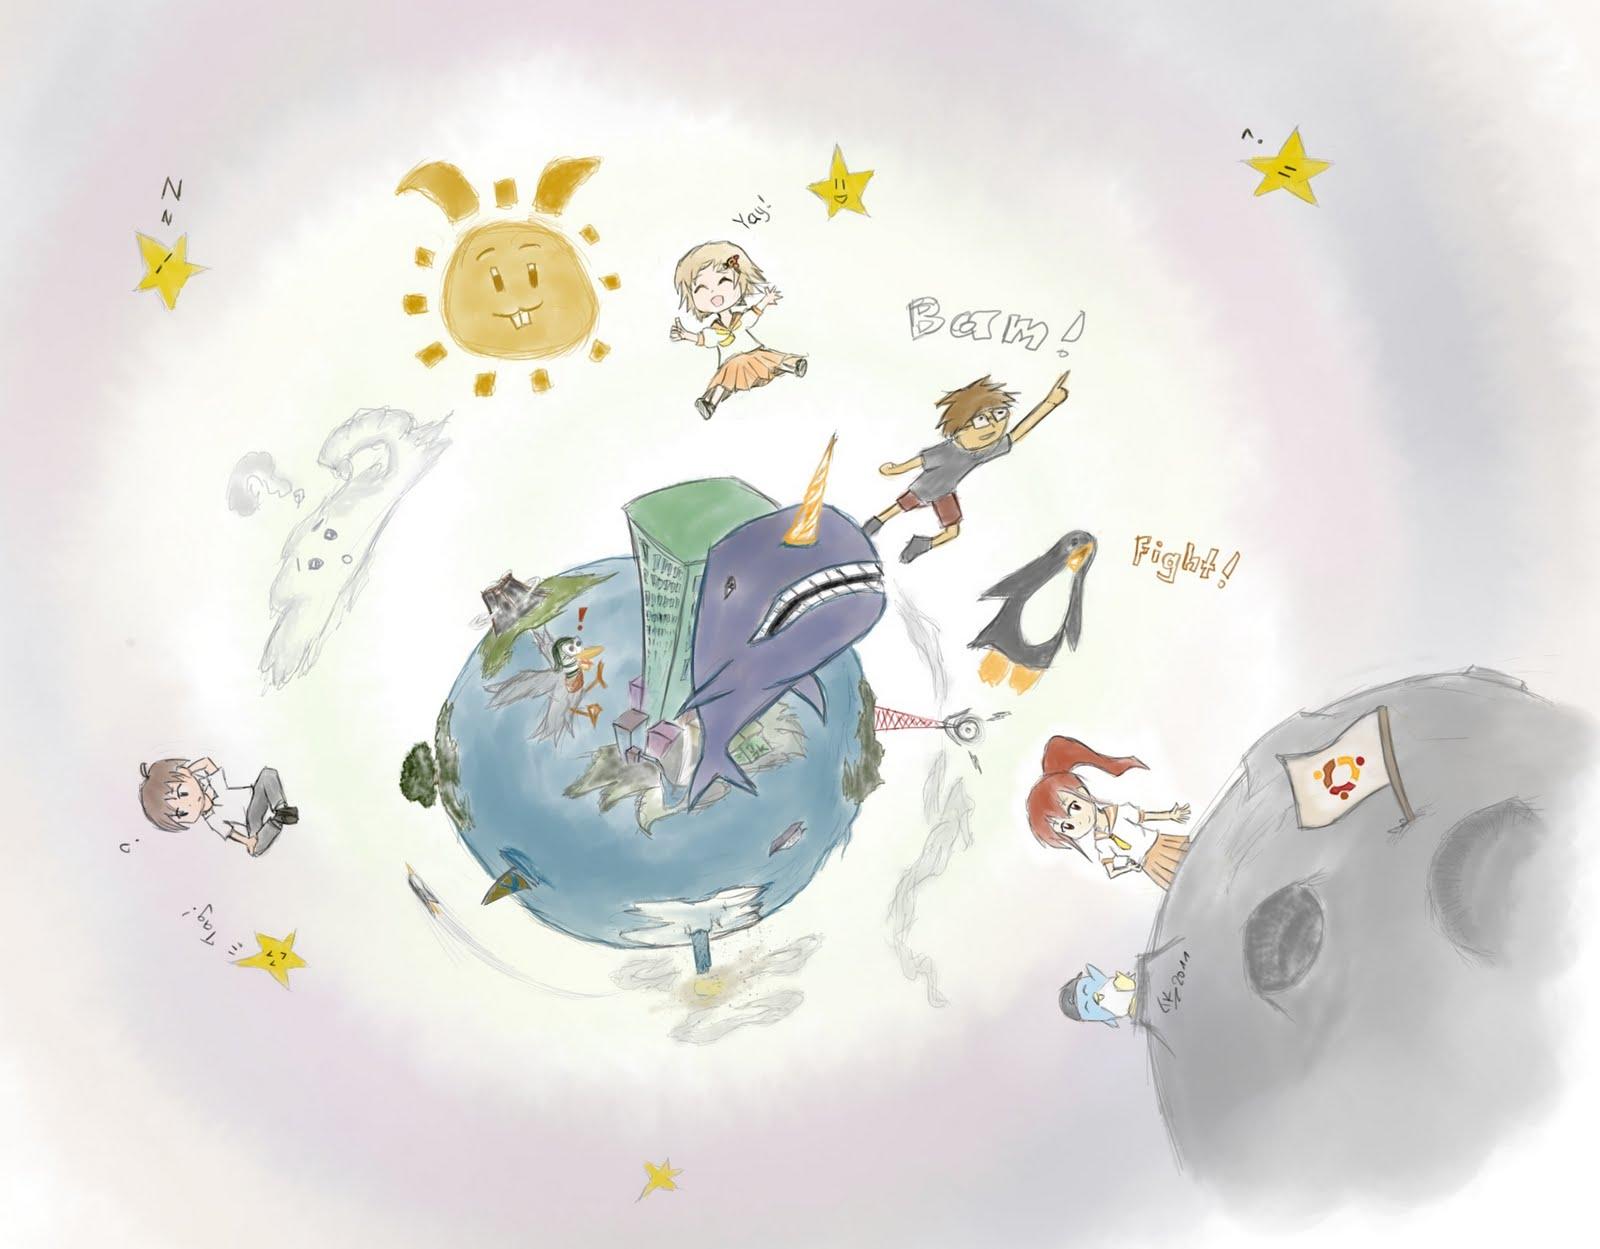 http://4.bp.blogspot.com/-D18-X0iRRts/TfQ1xc9GzhI/AAAAAAAAB5M/6WEemUEQ6Y8/s1600/ubuntu_no_limit_commission_by_tkensum-d3ilpv8.jpg